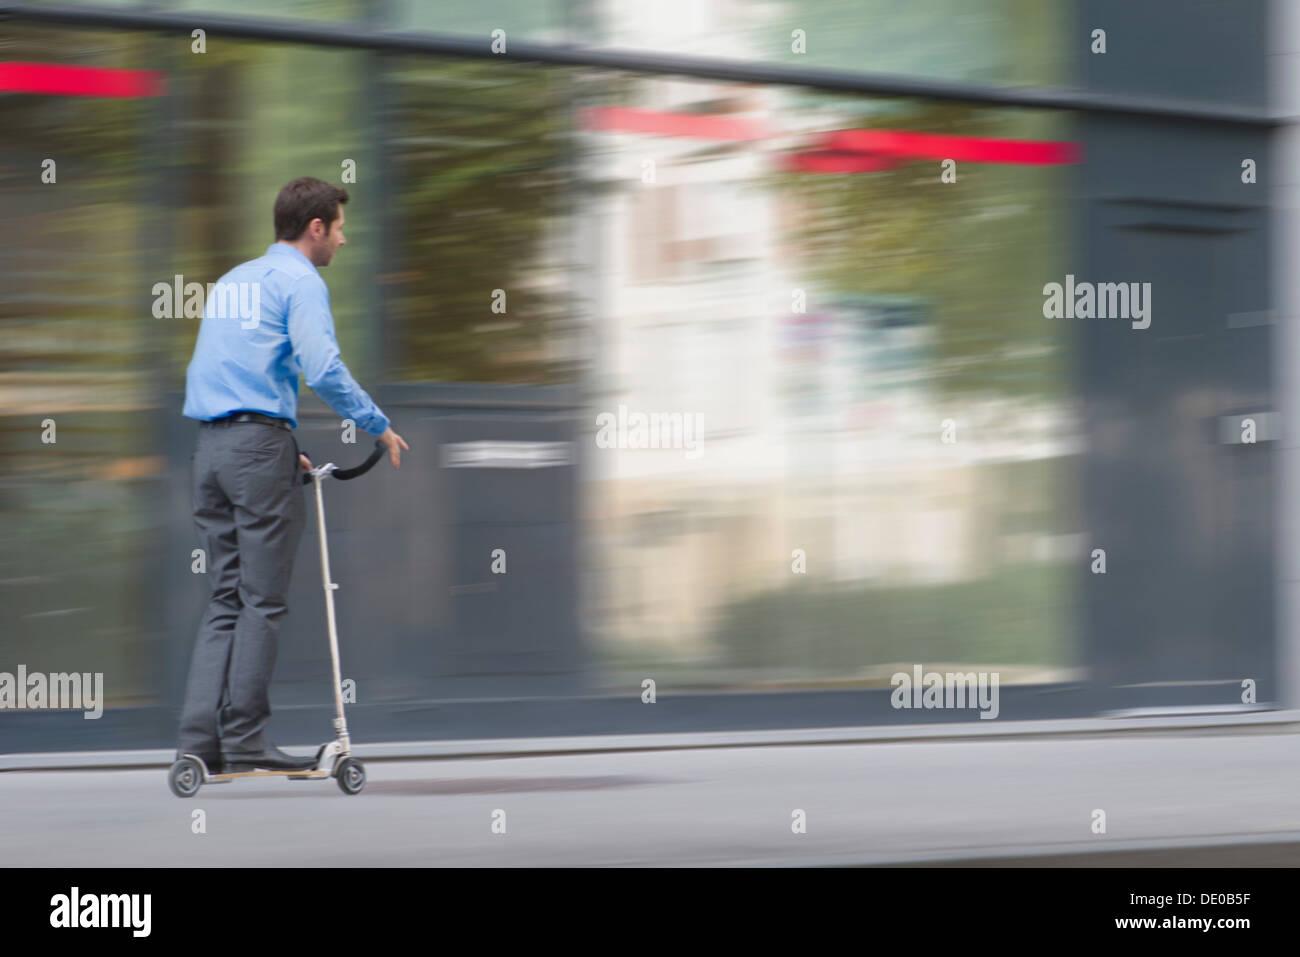 Uomo in abbigliamento business a cavallo su scooter push Immagini Stock